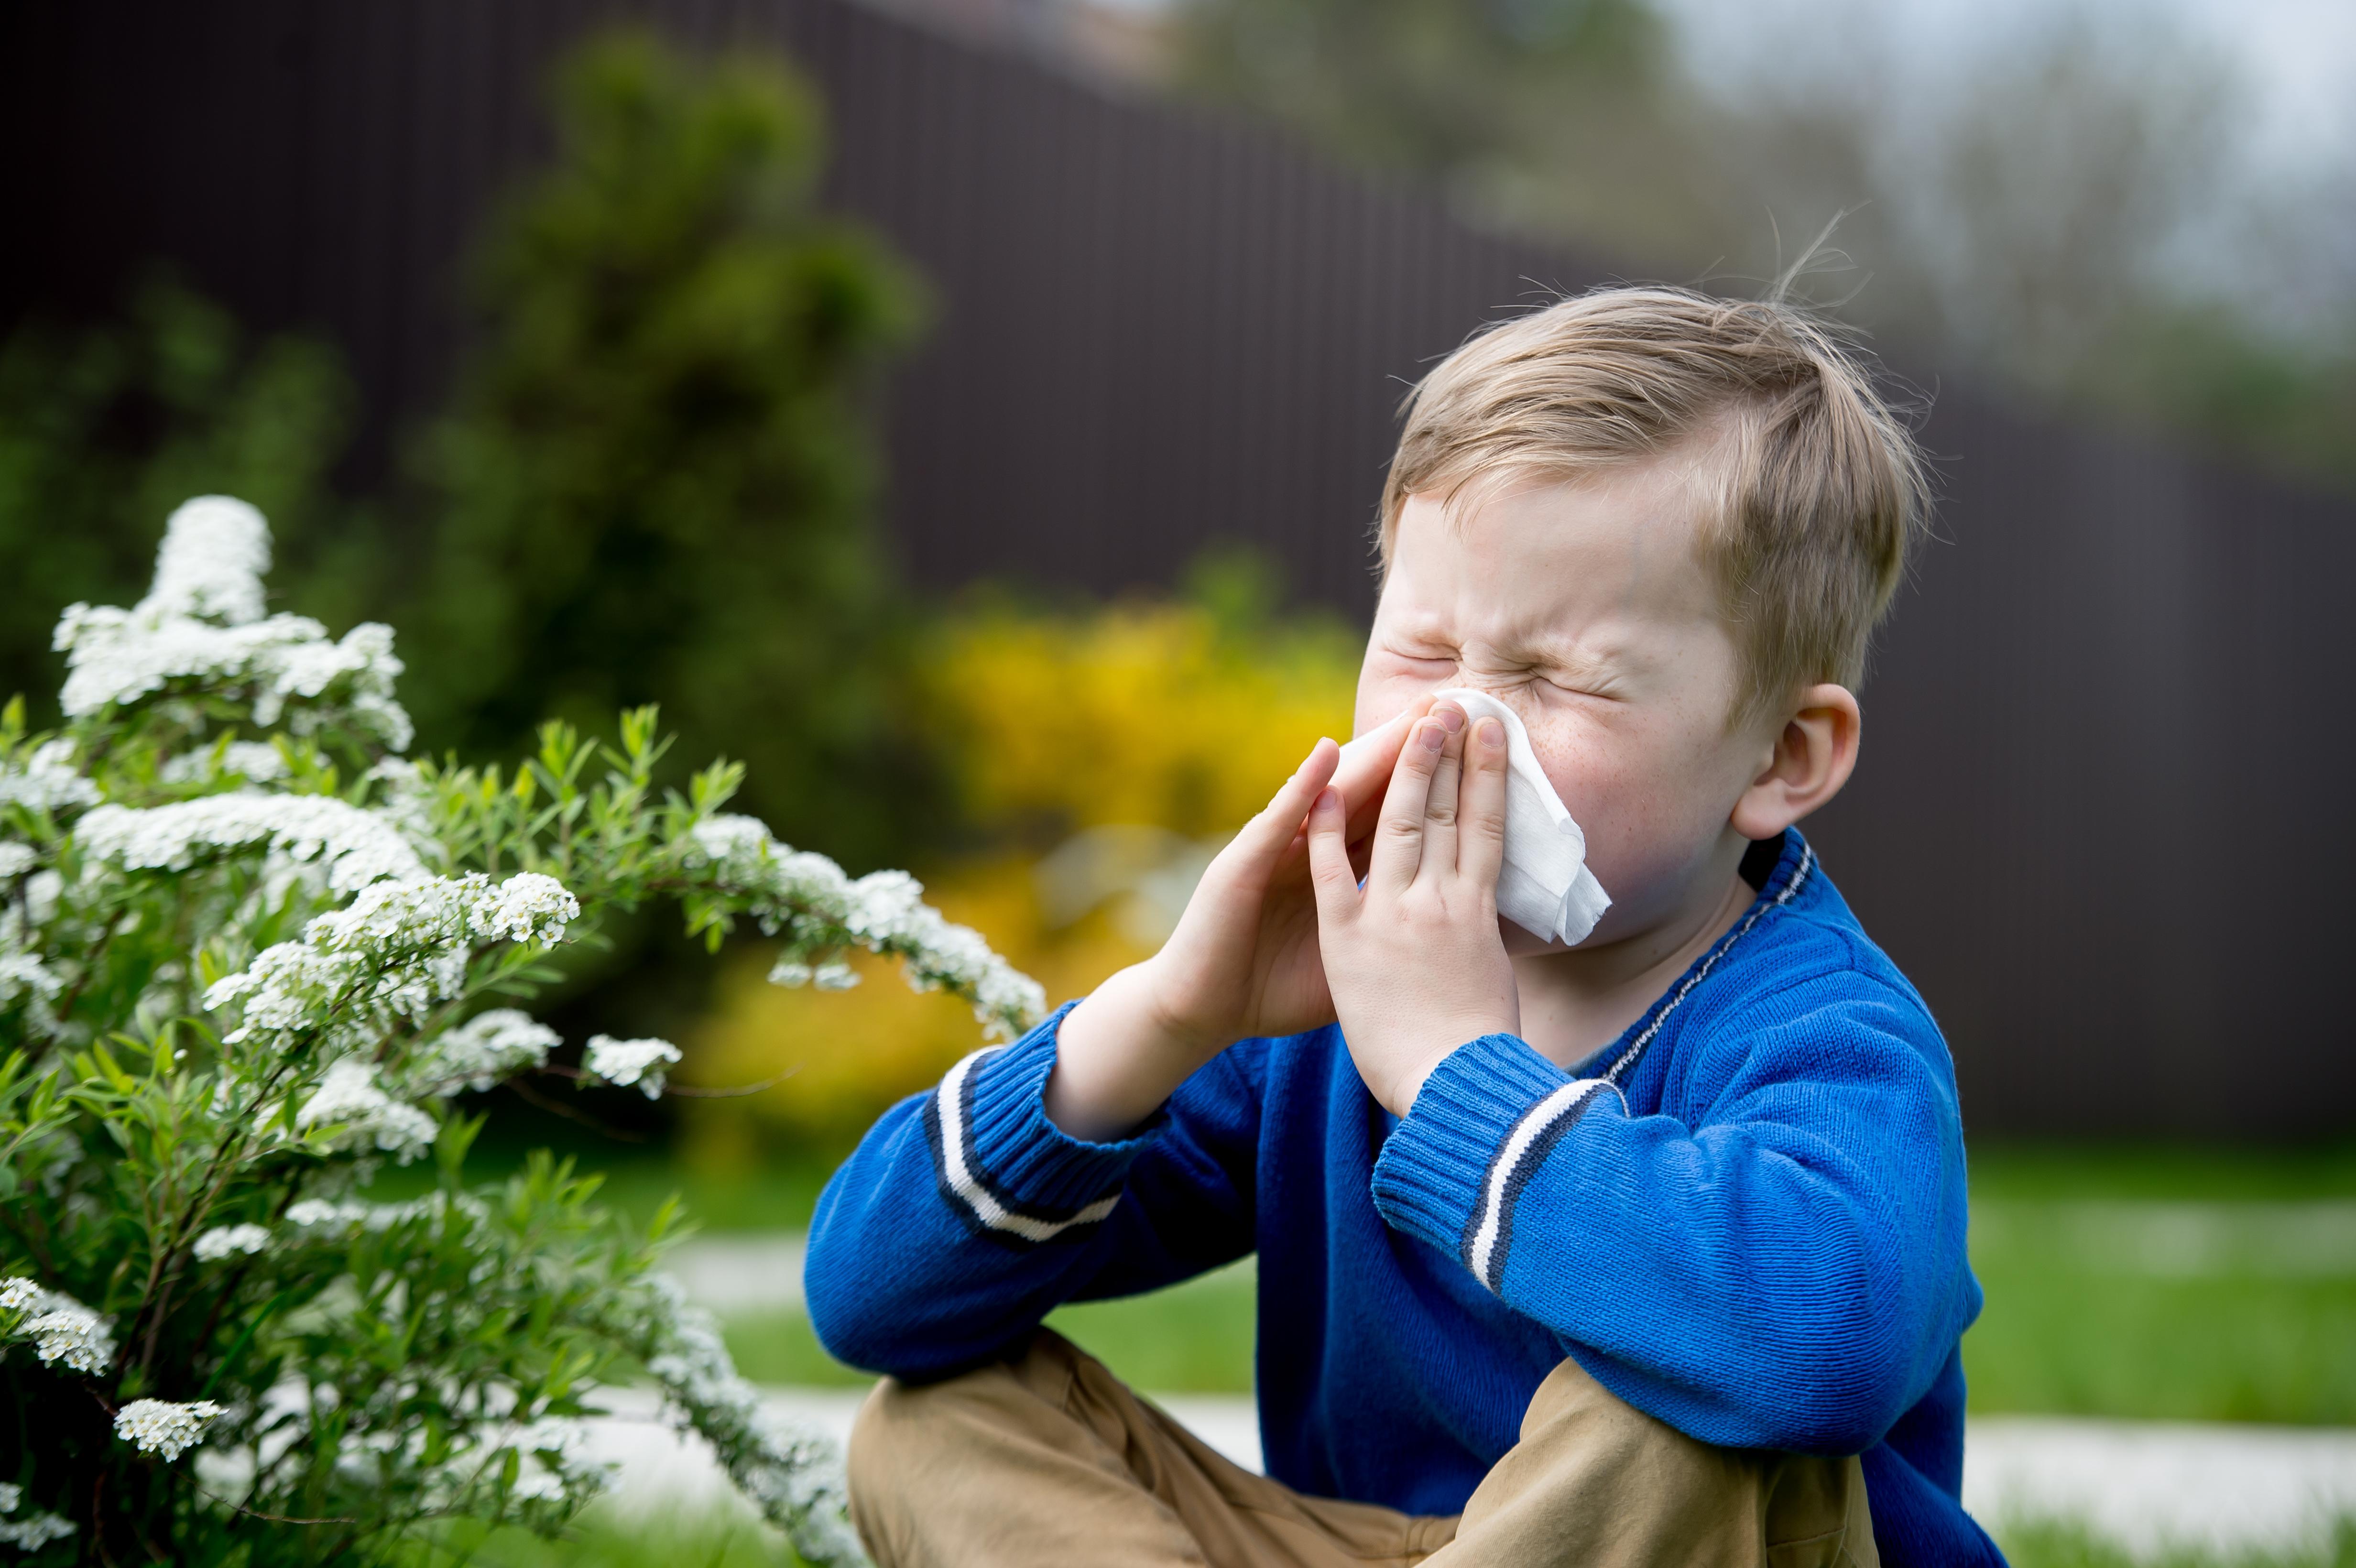 CSID. Cum putem proteja copiii de alergii. Mânuțe murdare sau un câine, cele mai bune variante